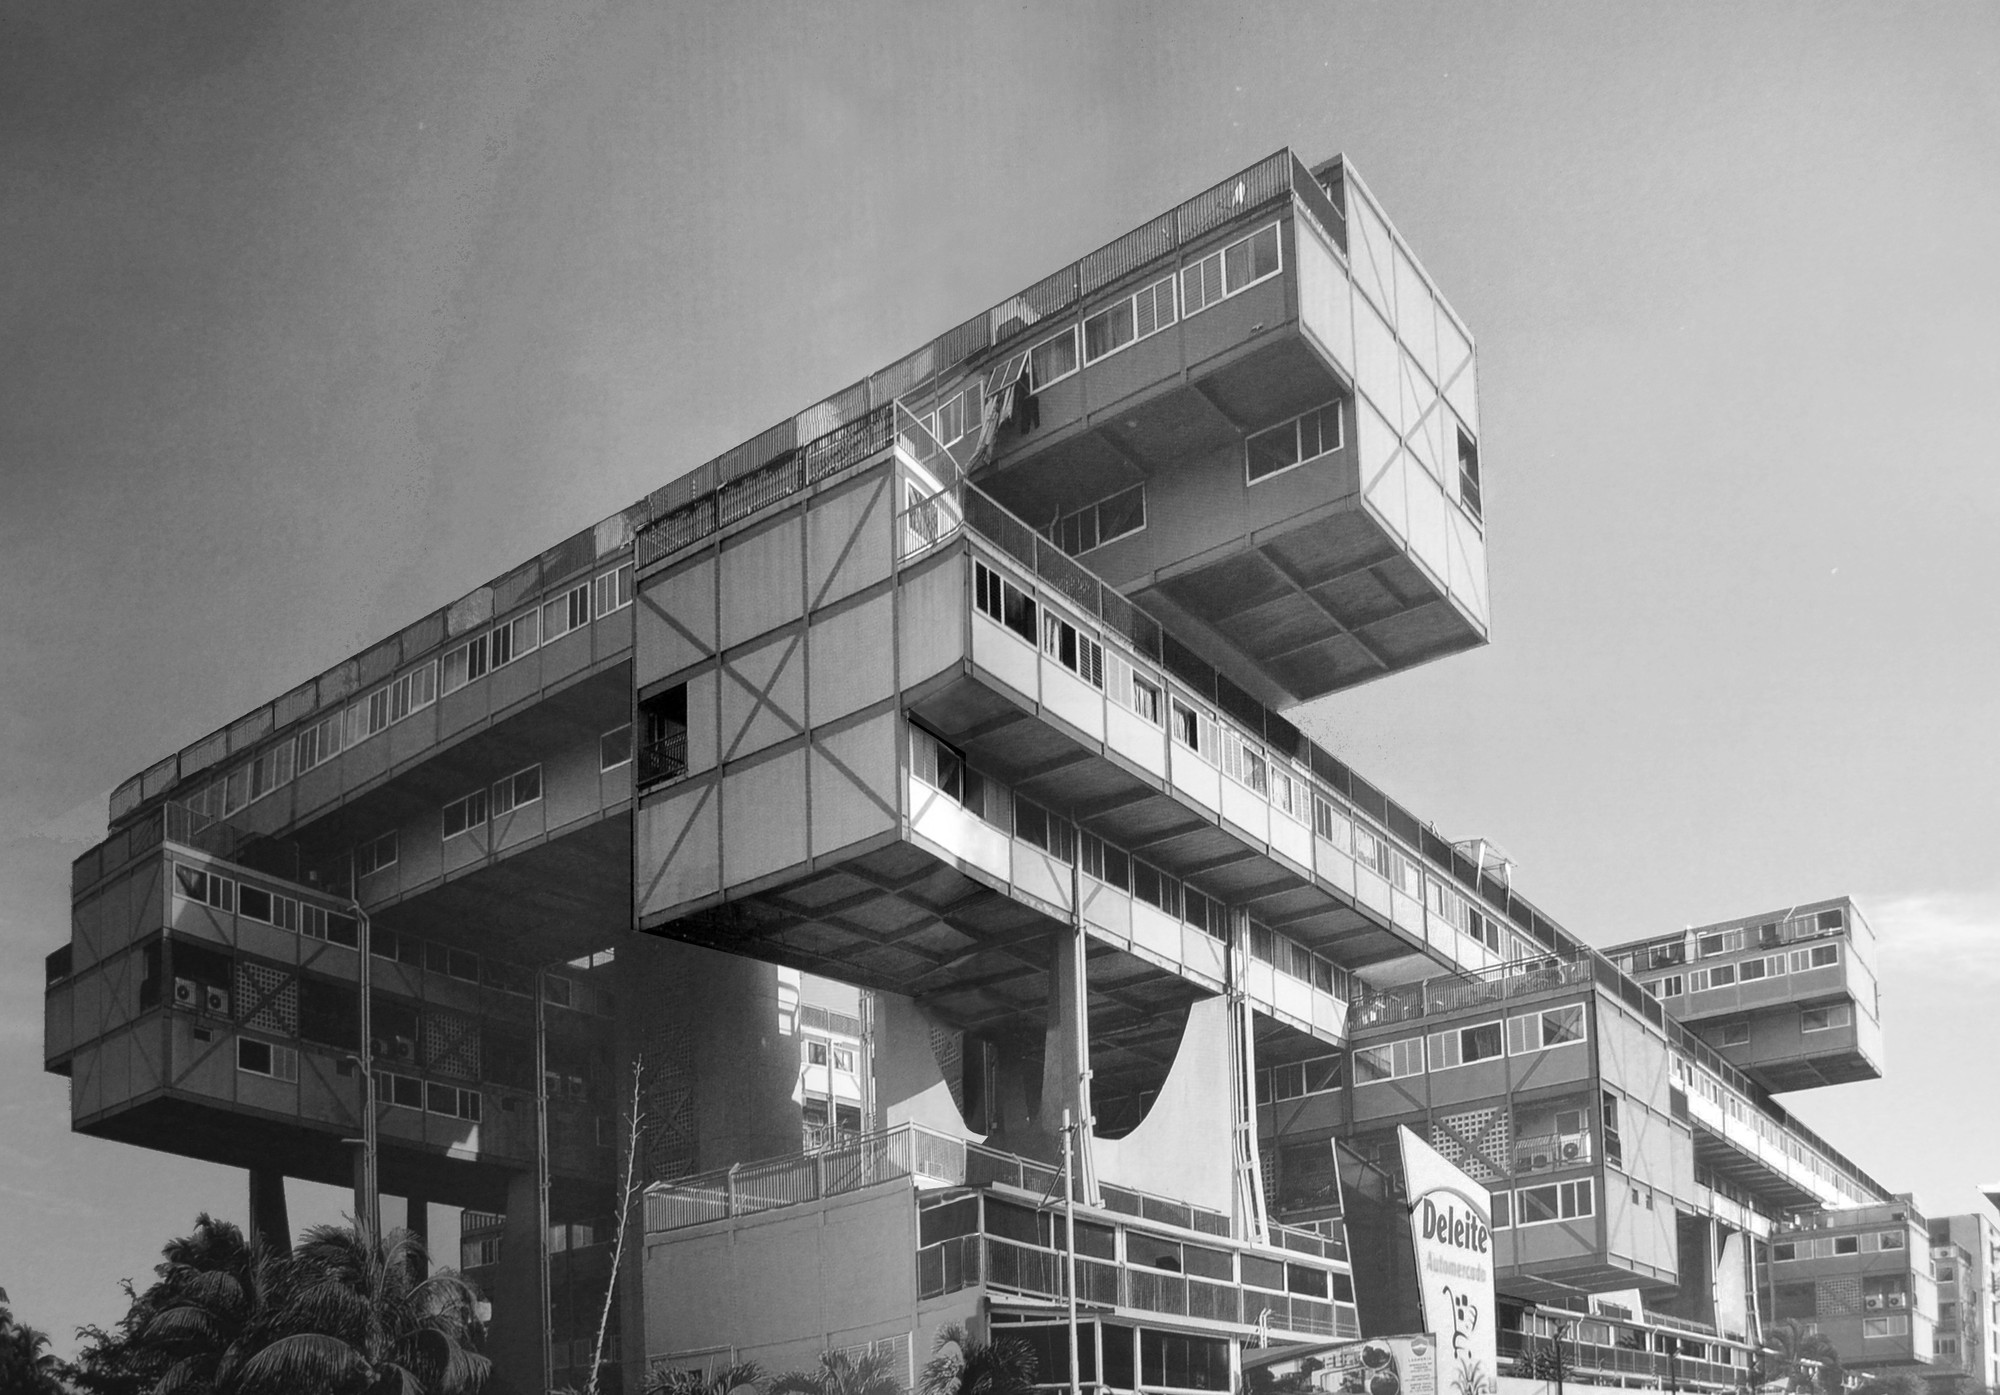 Arquitectura sustentable tag plataforma arquitectura for Estructura arquitectura